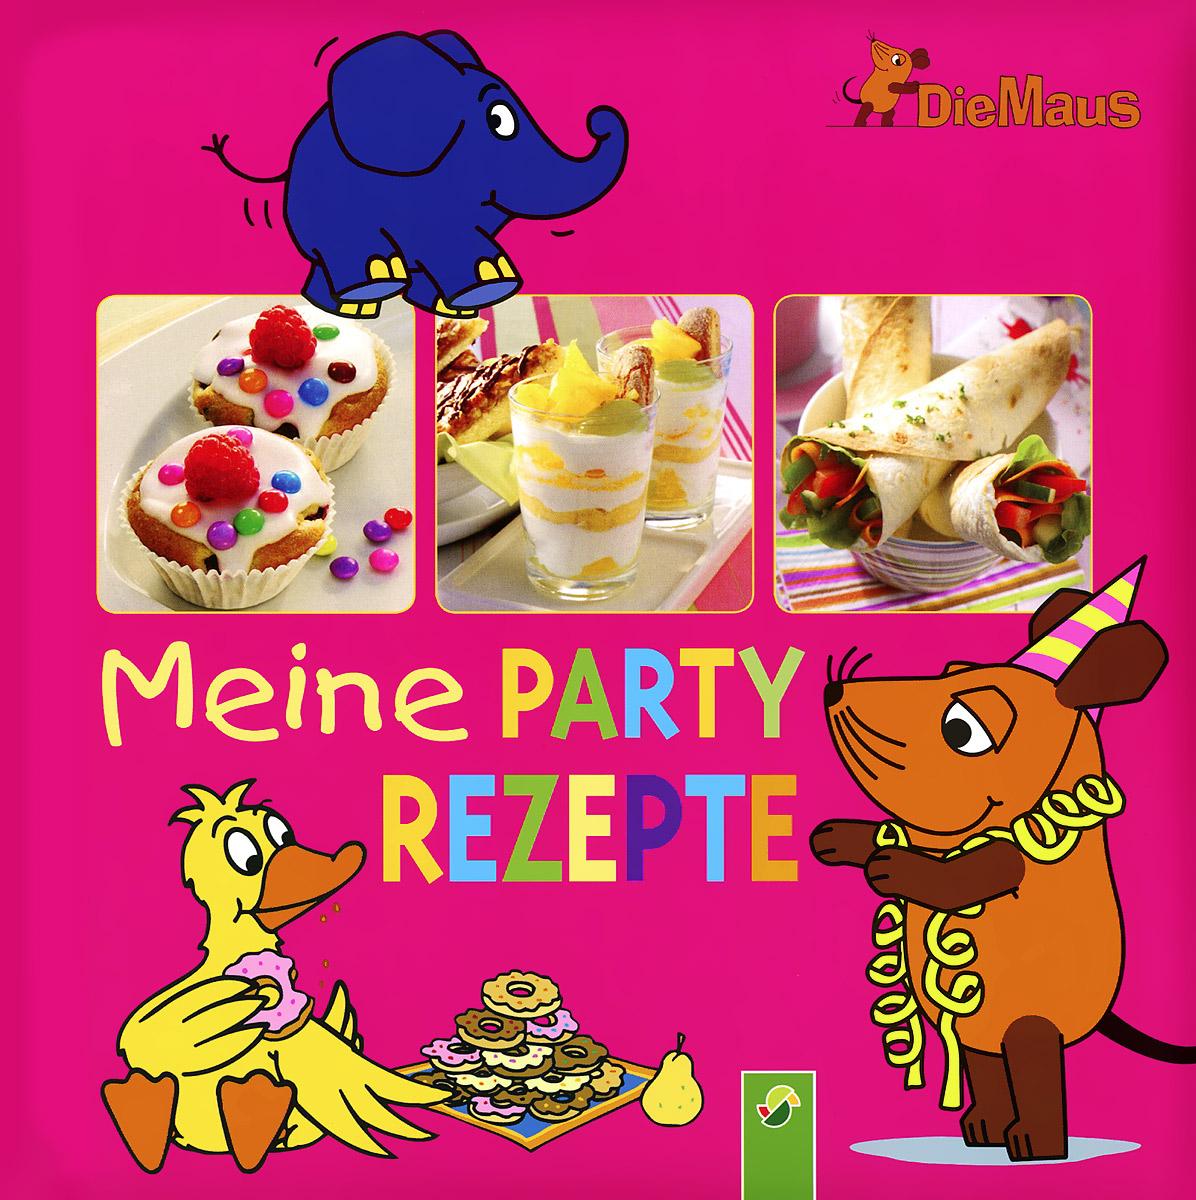 DieMaus: Meine Party Rezepte